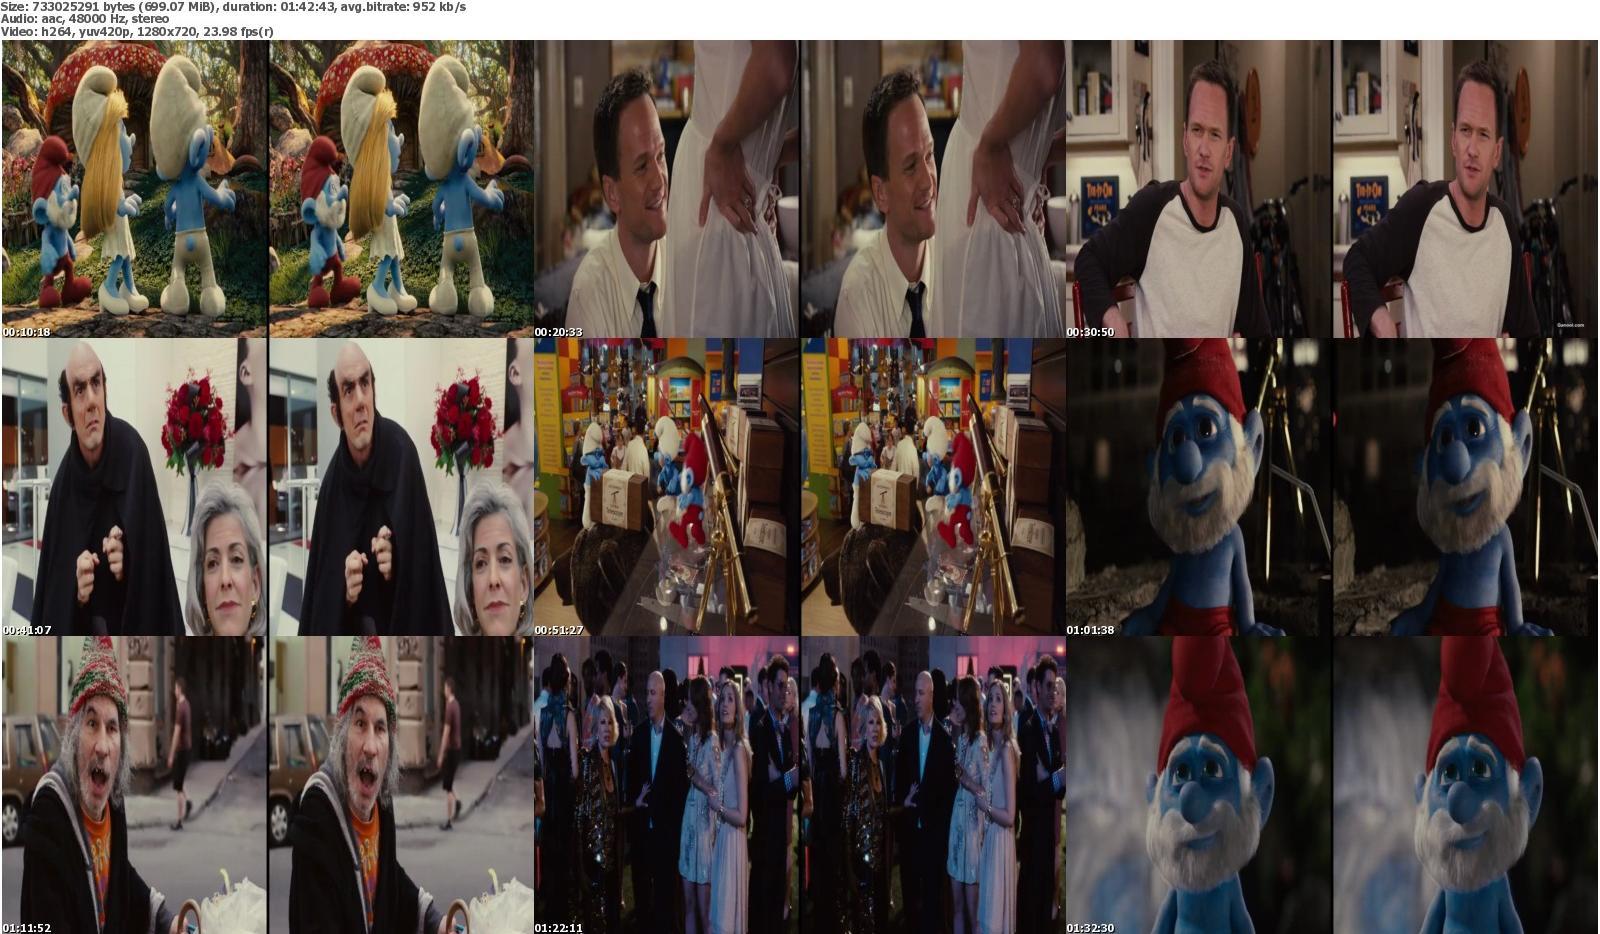 The+Smurfs+3D+%25282011%2529+BluRay+720p+Half+SBS+700MB+Mediafirehbo.com.jpg